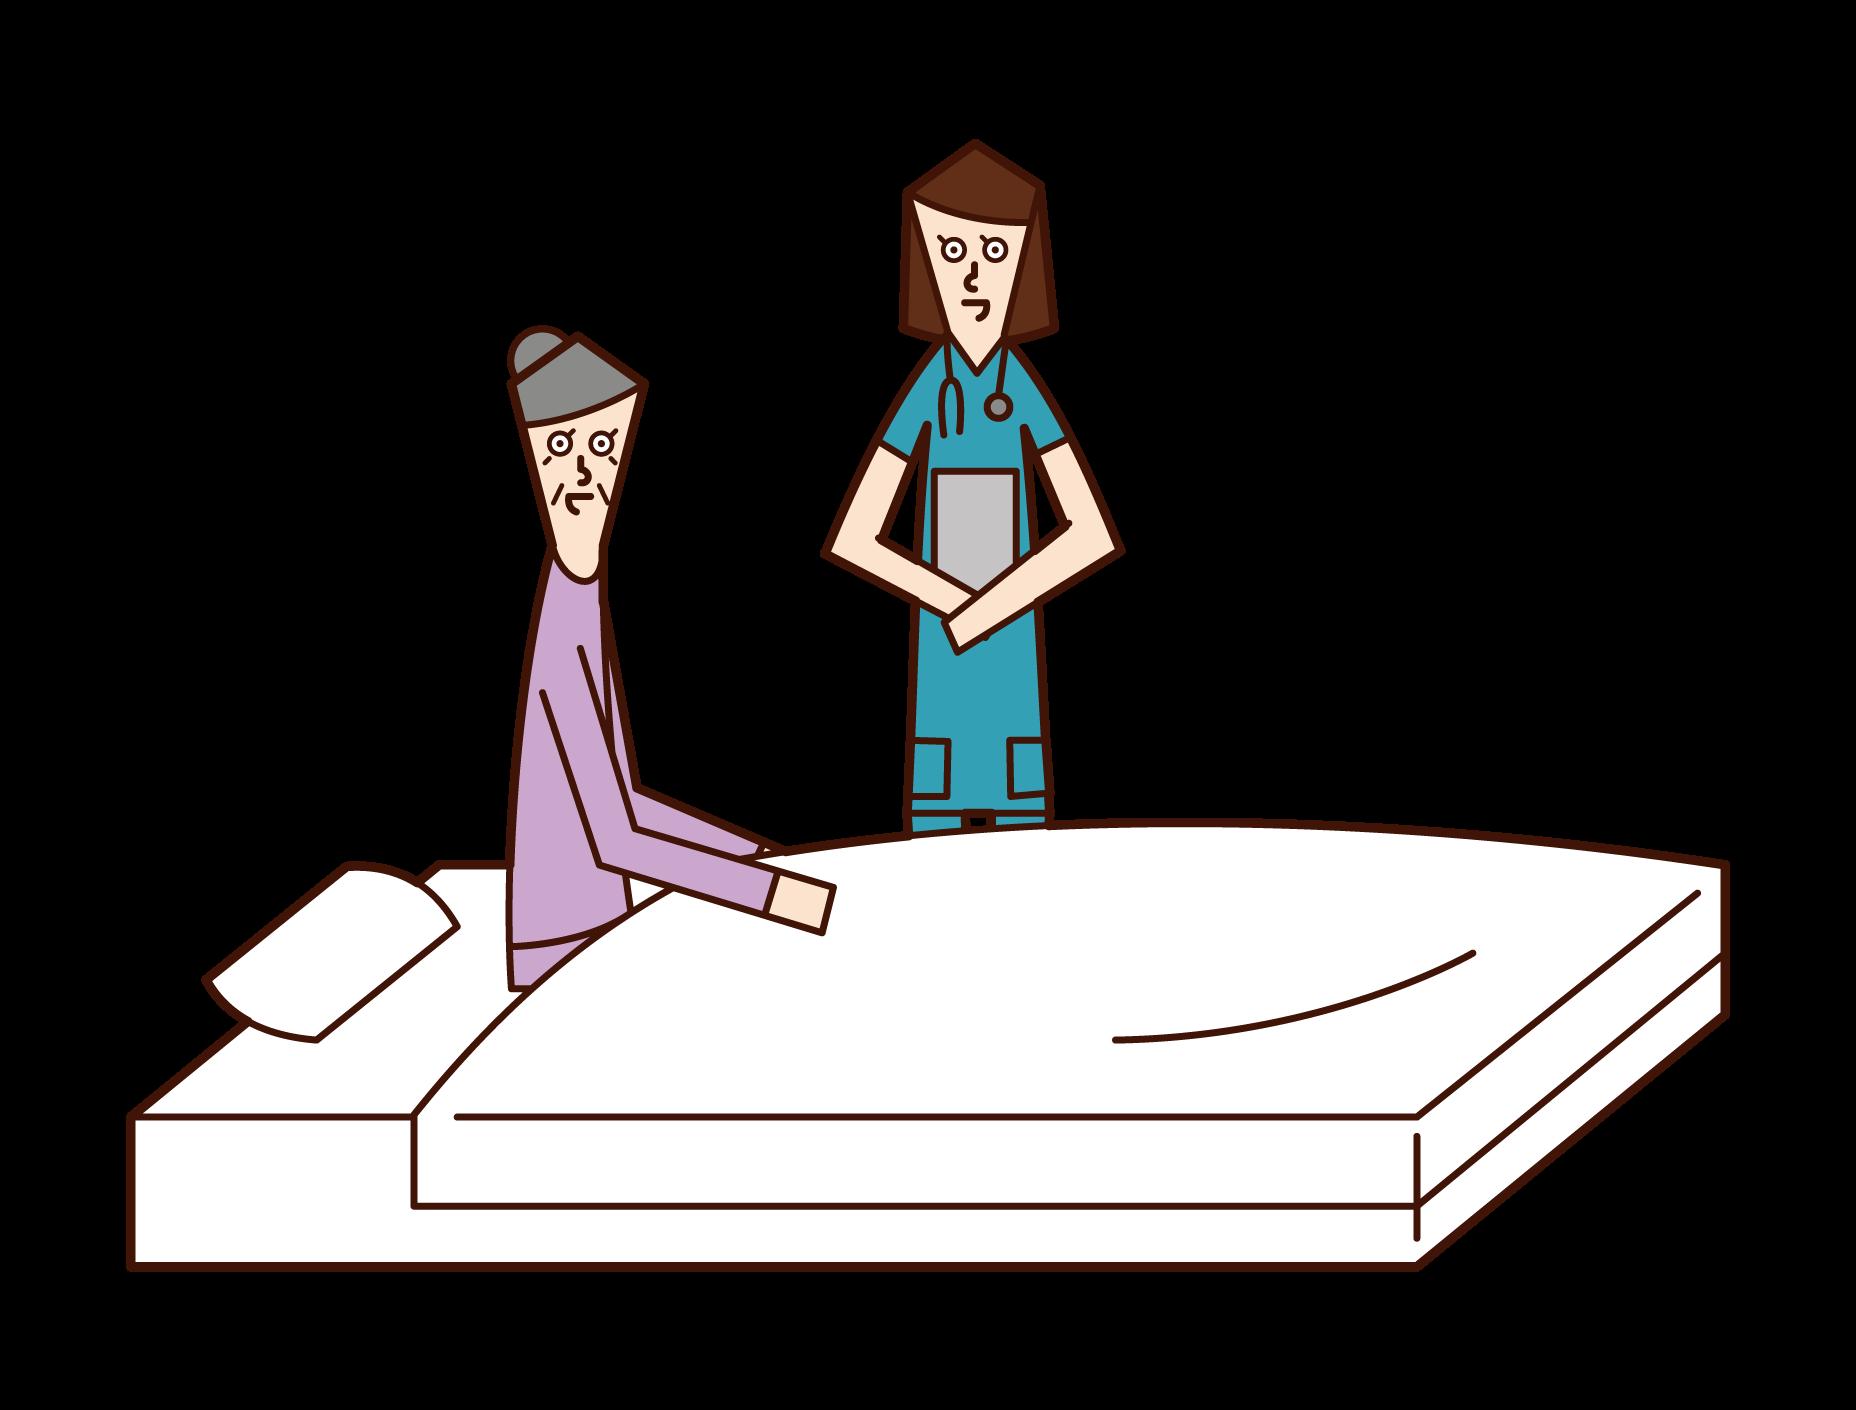 간호사와 대화하는 입원 노인 (여성)의 그림